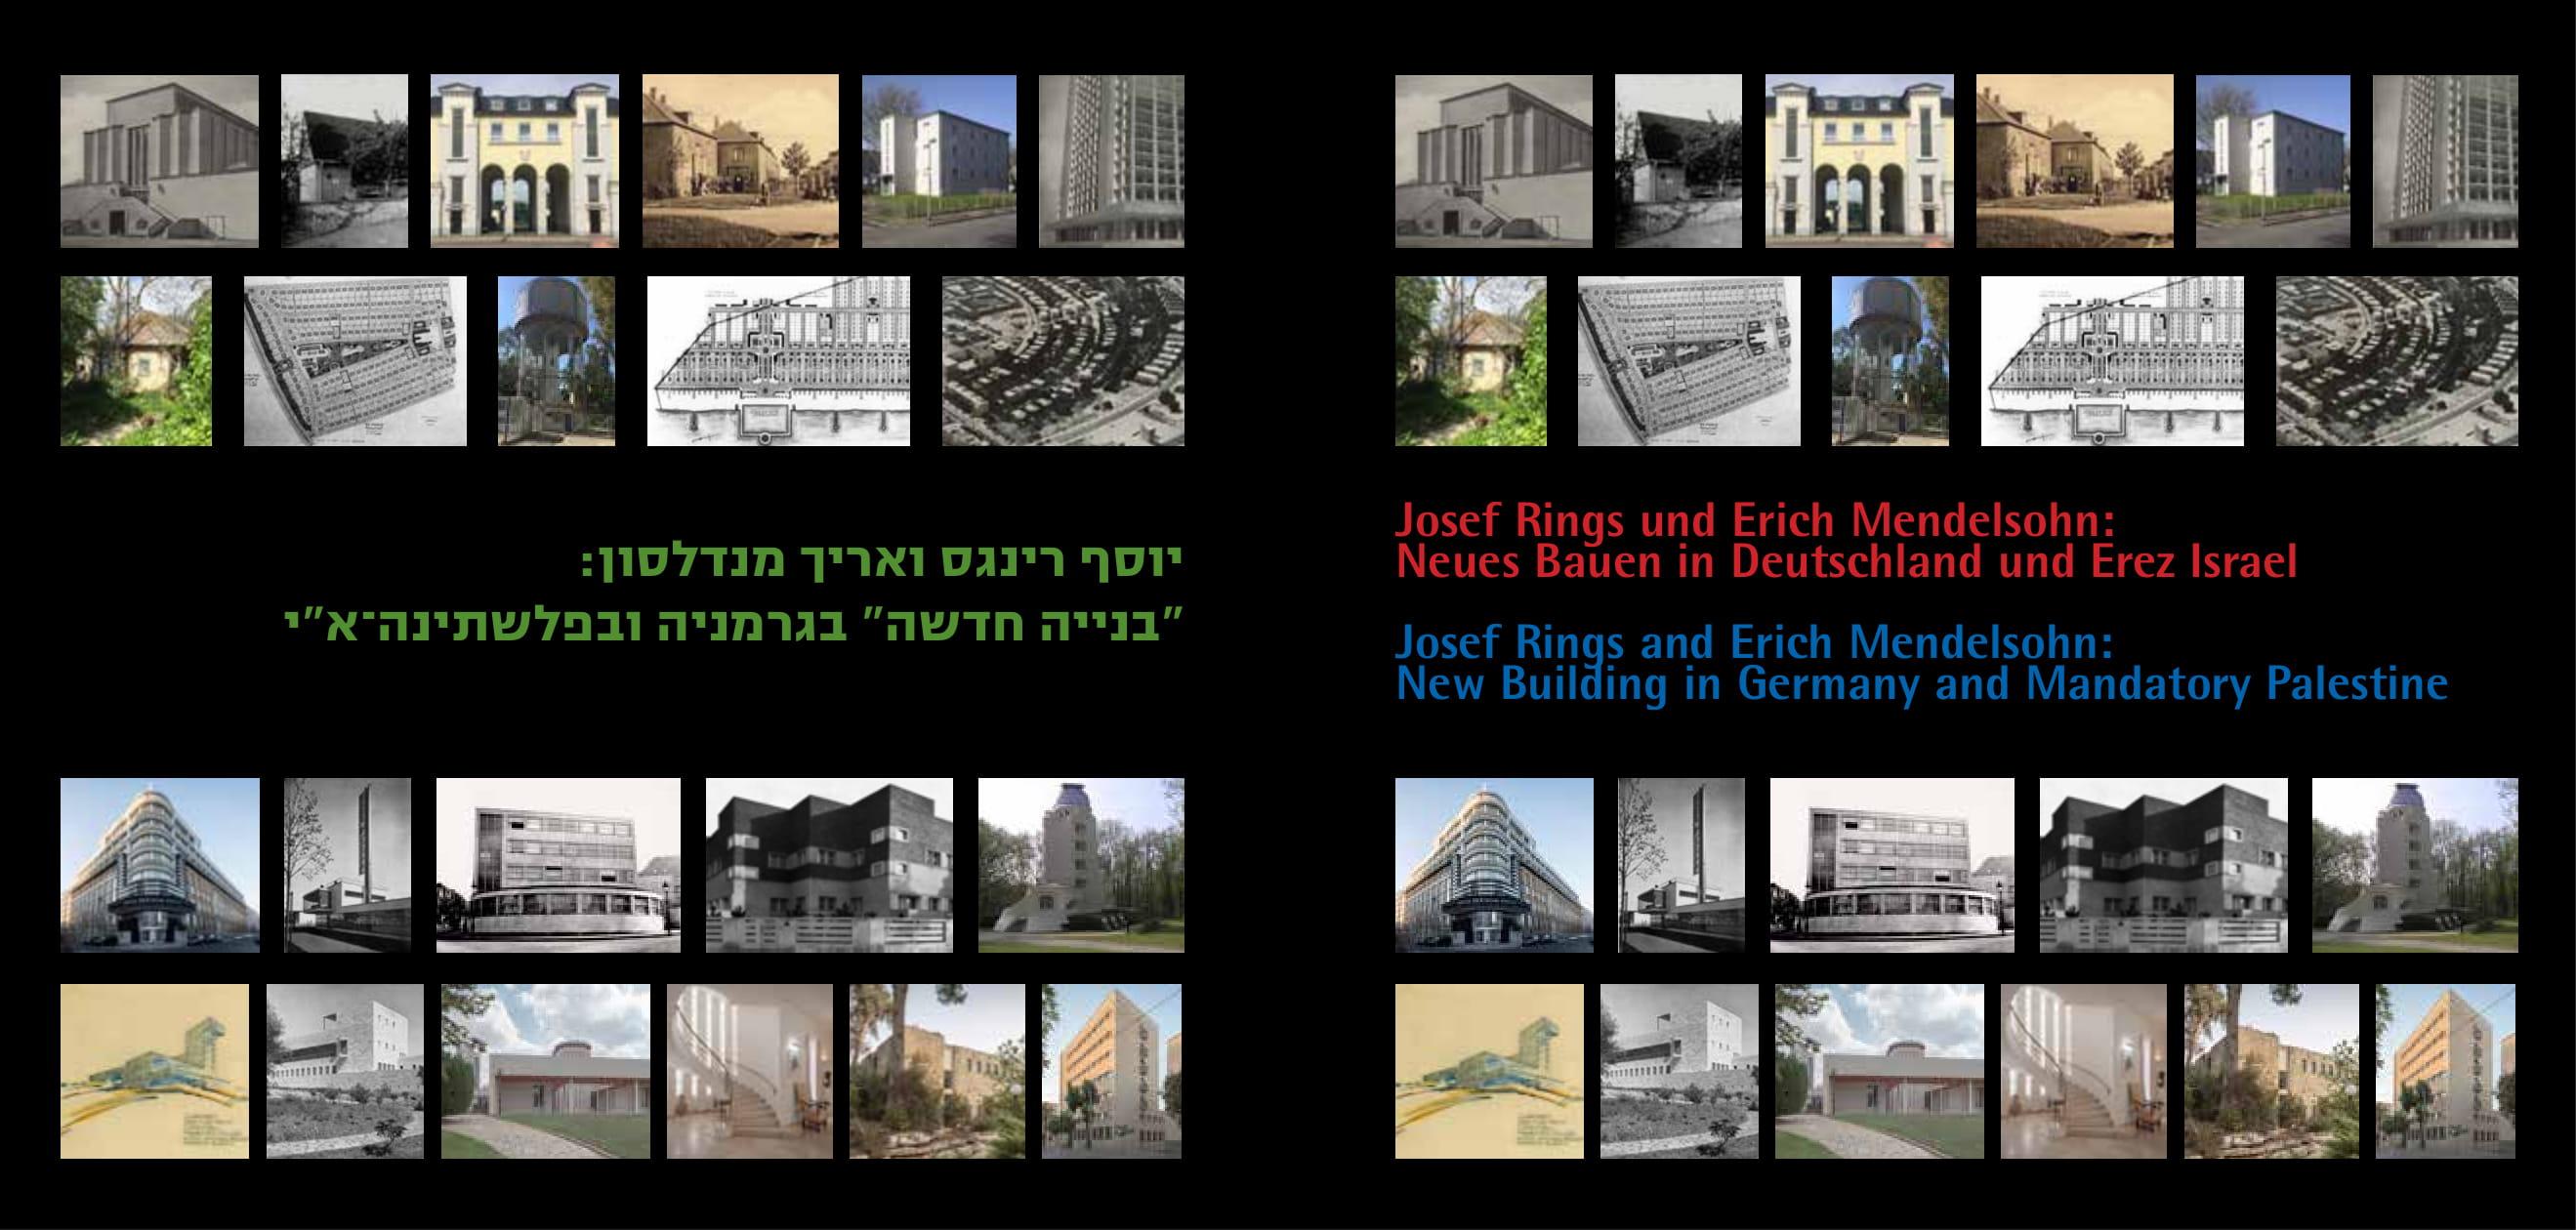 | Josef Rings und Erich Mendelsohn: Neues Bauen in Deutschland und Erez Israel